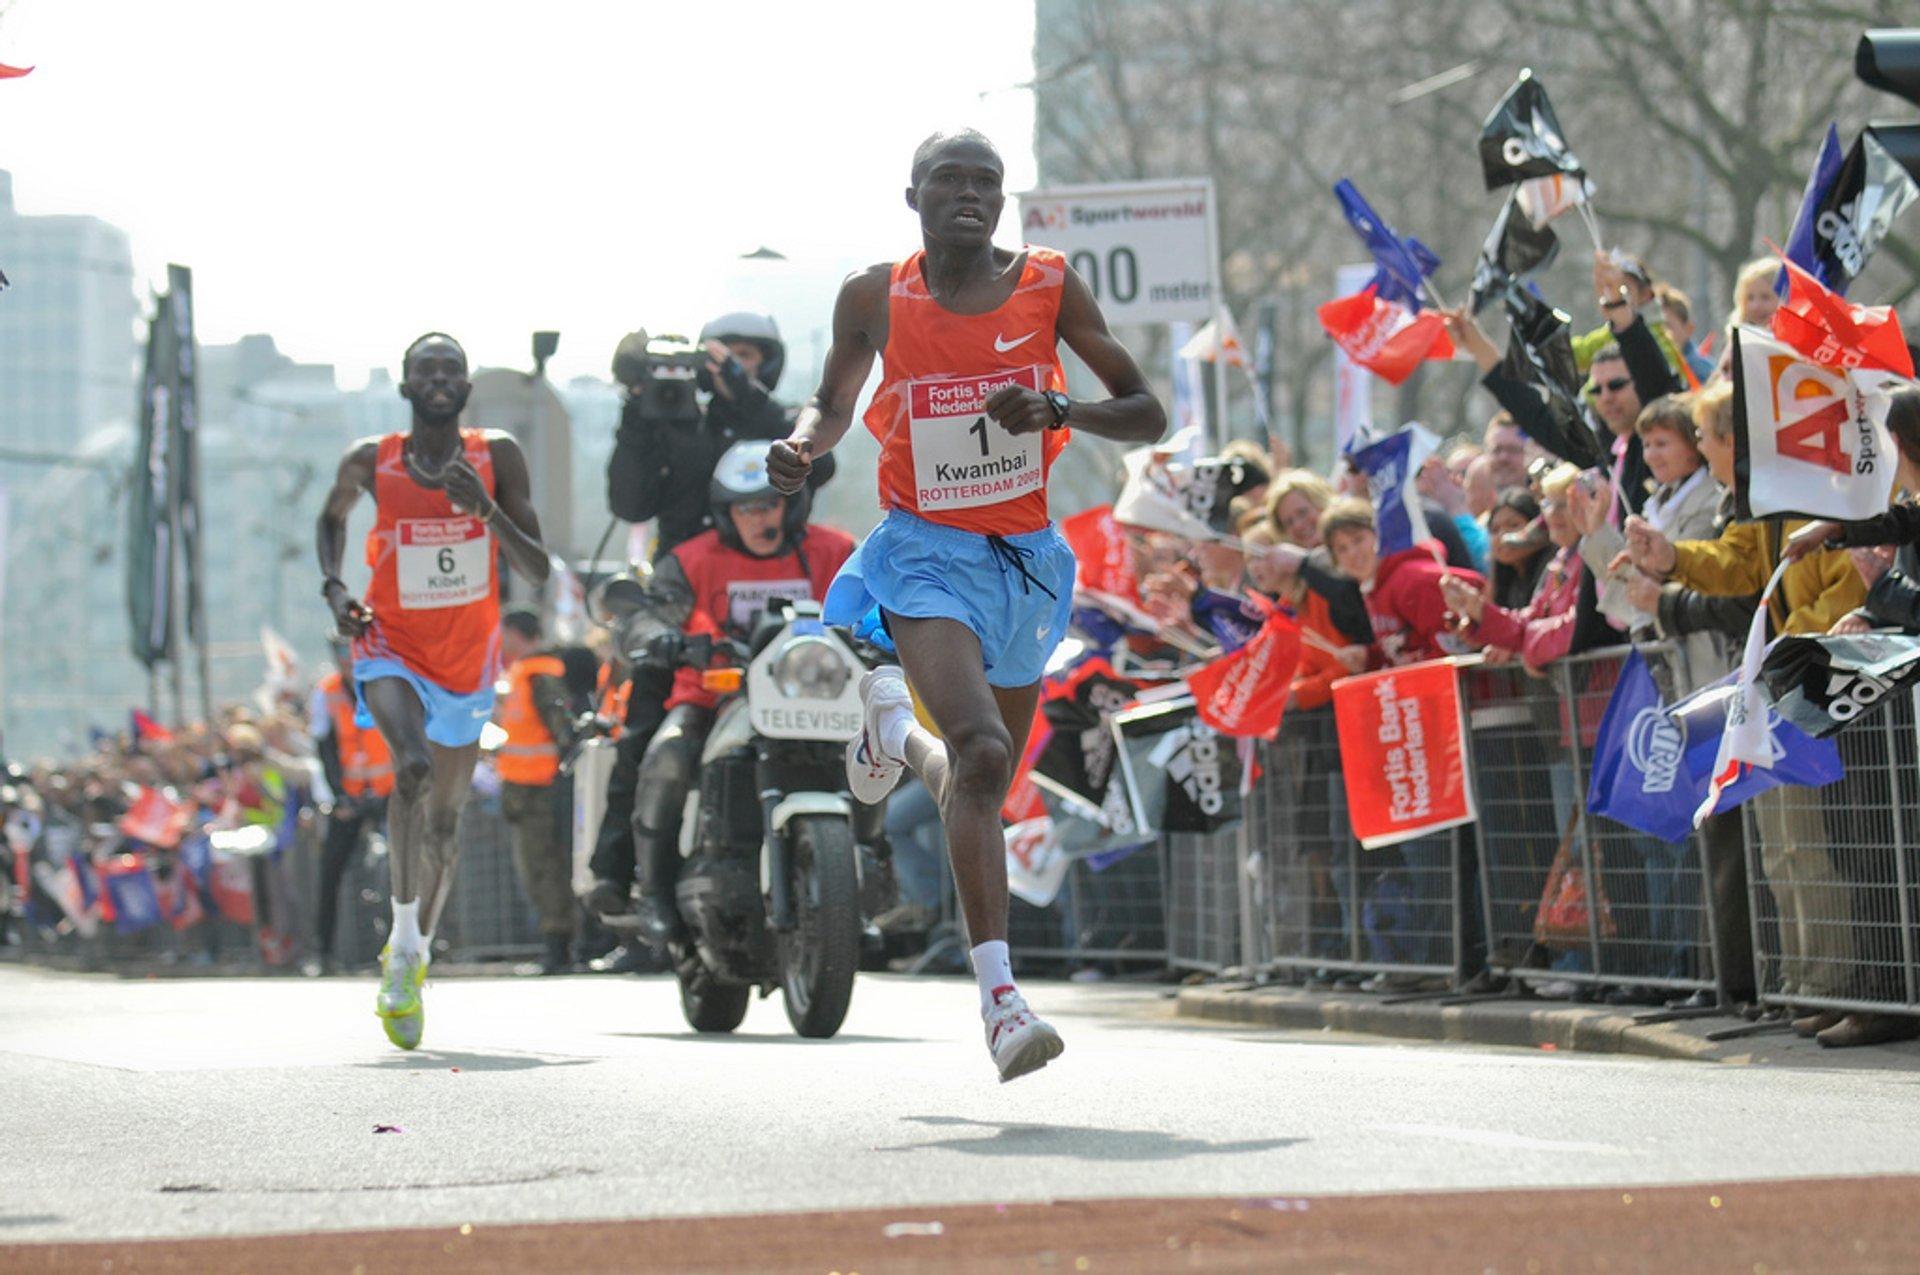 Rotterdam Marathon in The Netherlands 2020 - Best Time